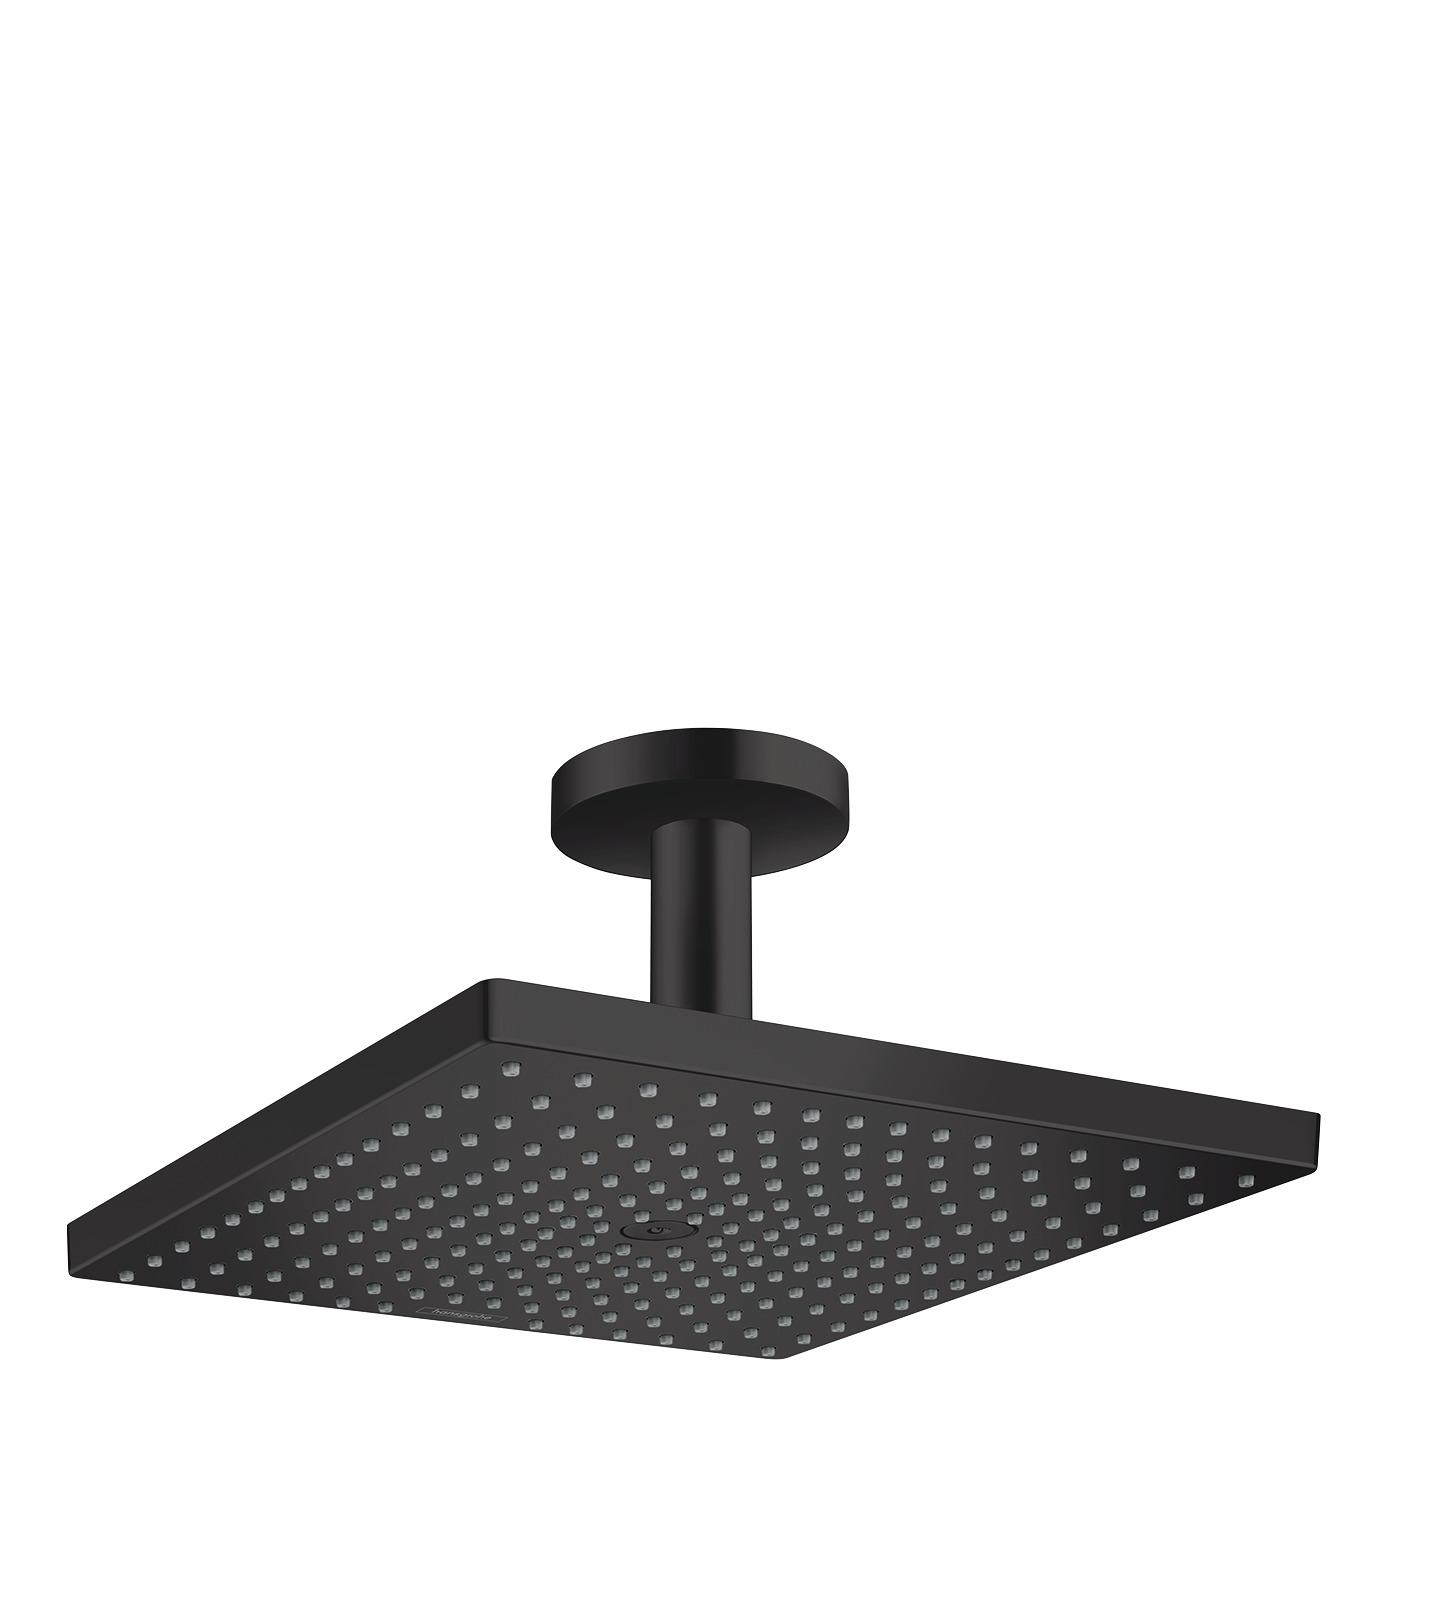 Верхний душ hansgrohe Raindance E 300 1jet с потолочным подсоединением 26250670 верхний душ hansgrohe 27384000